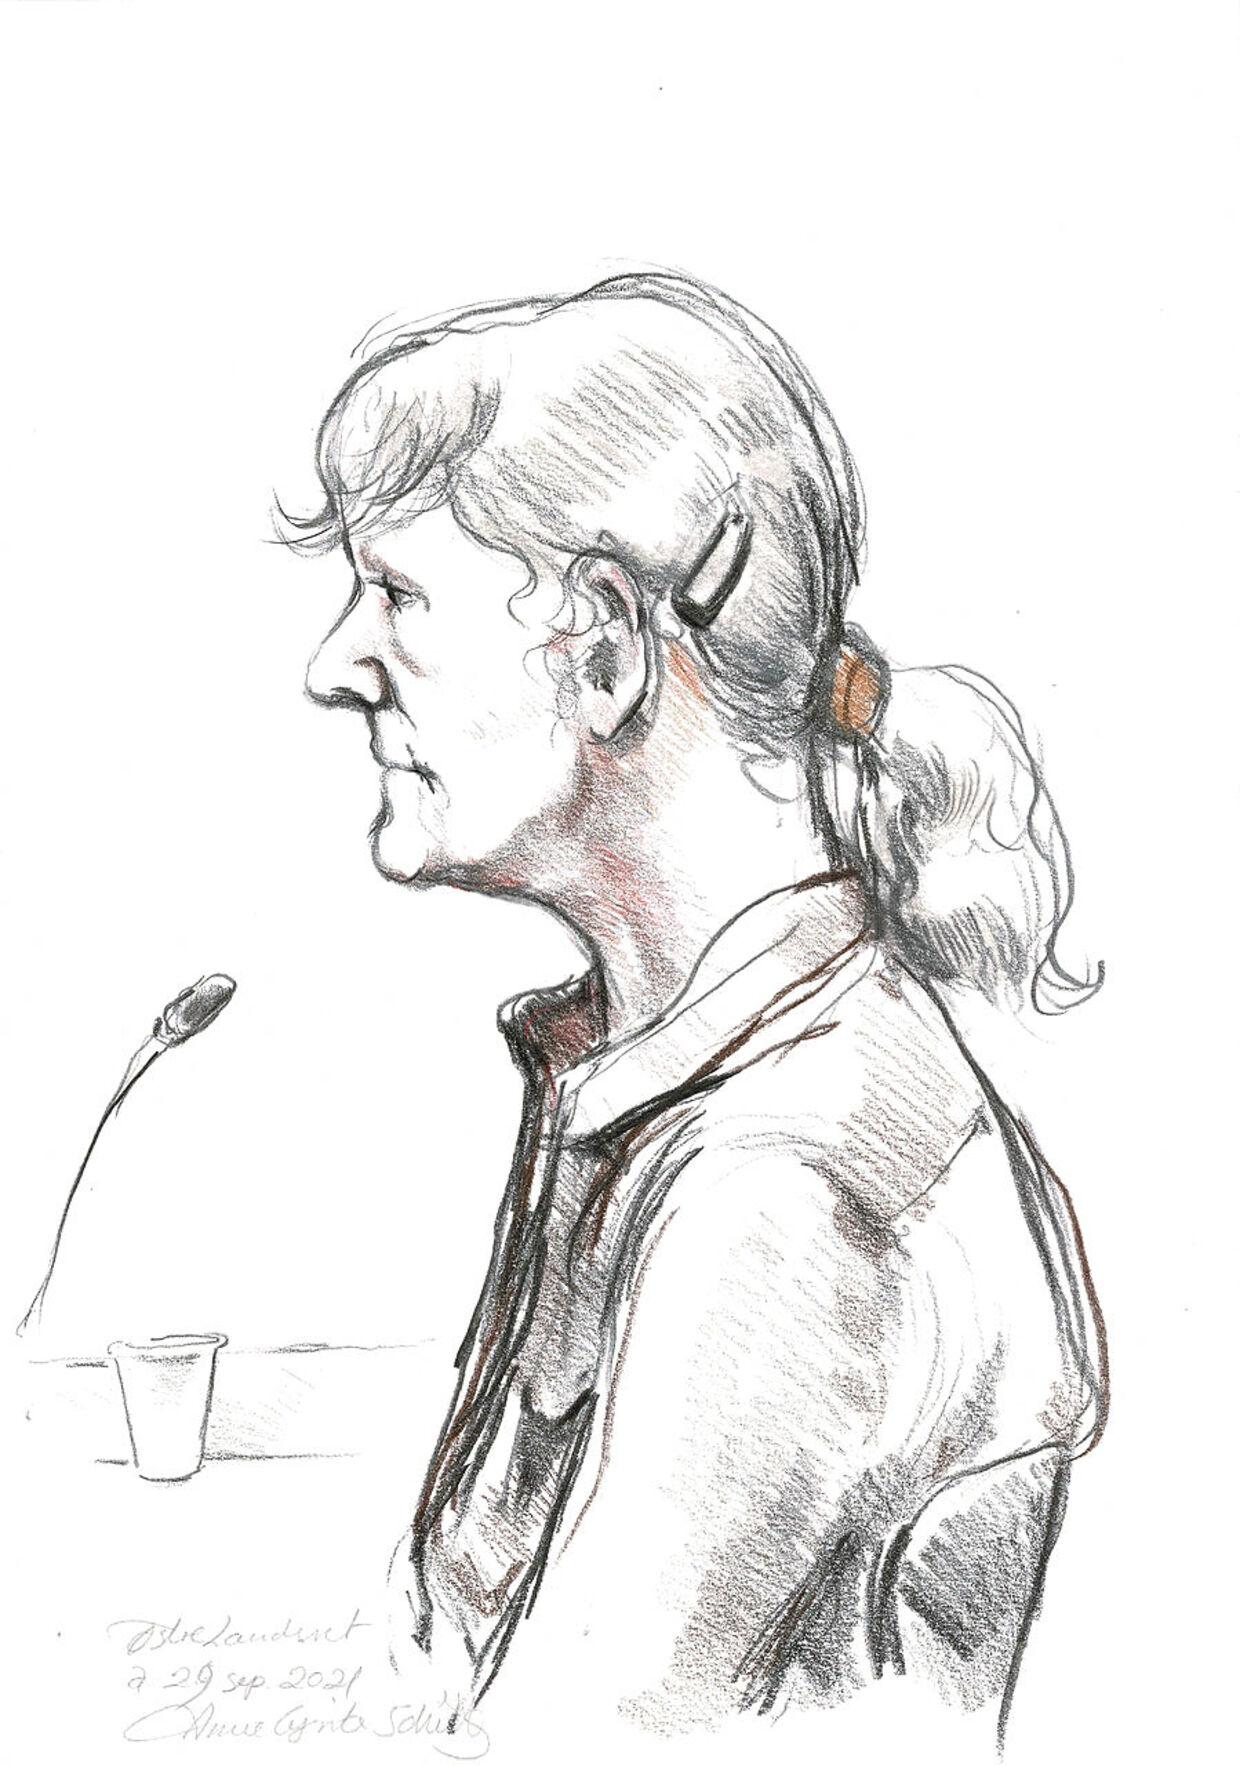 Den svindeldømte Britta Nielsen var indkaldt som vidne i landsretten under sine børns ankesag. I byretten ønskede hun ikke at vidne.